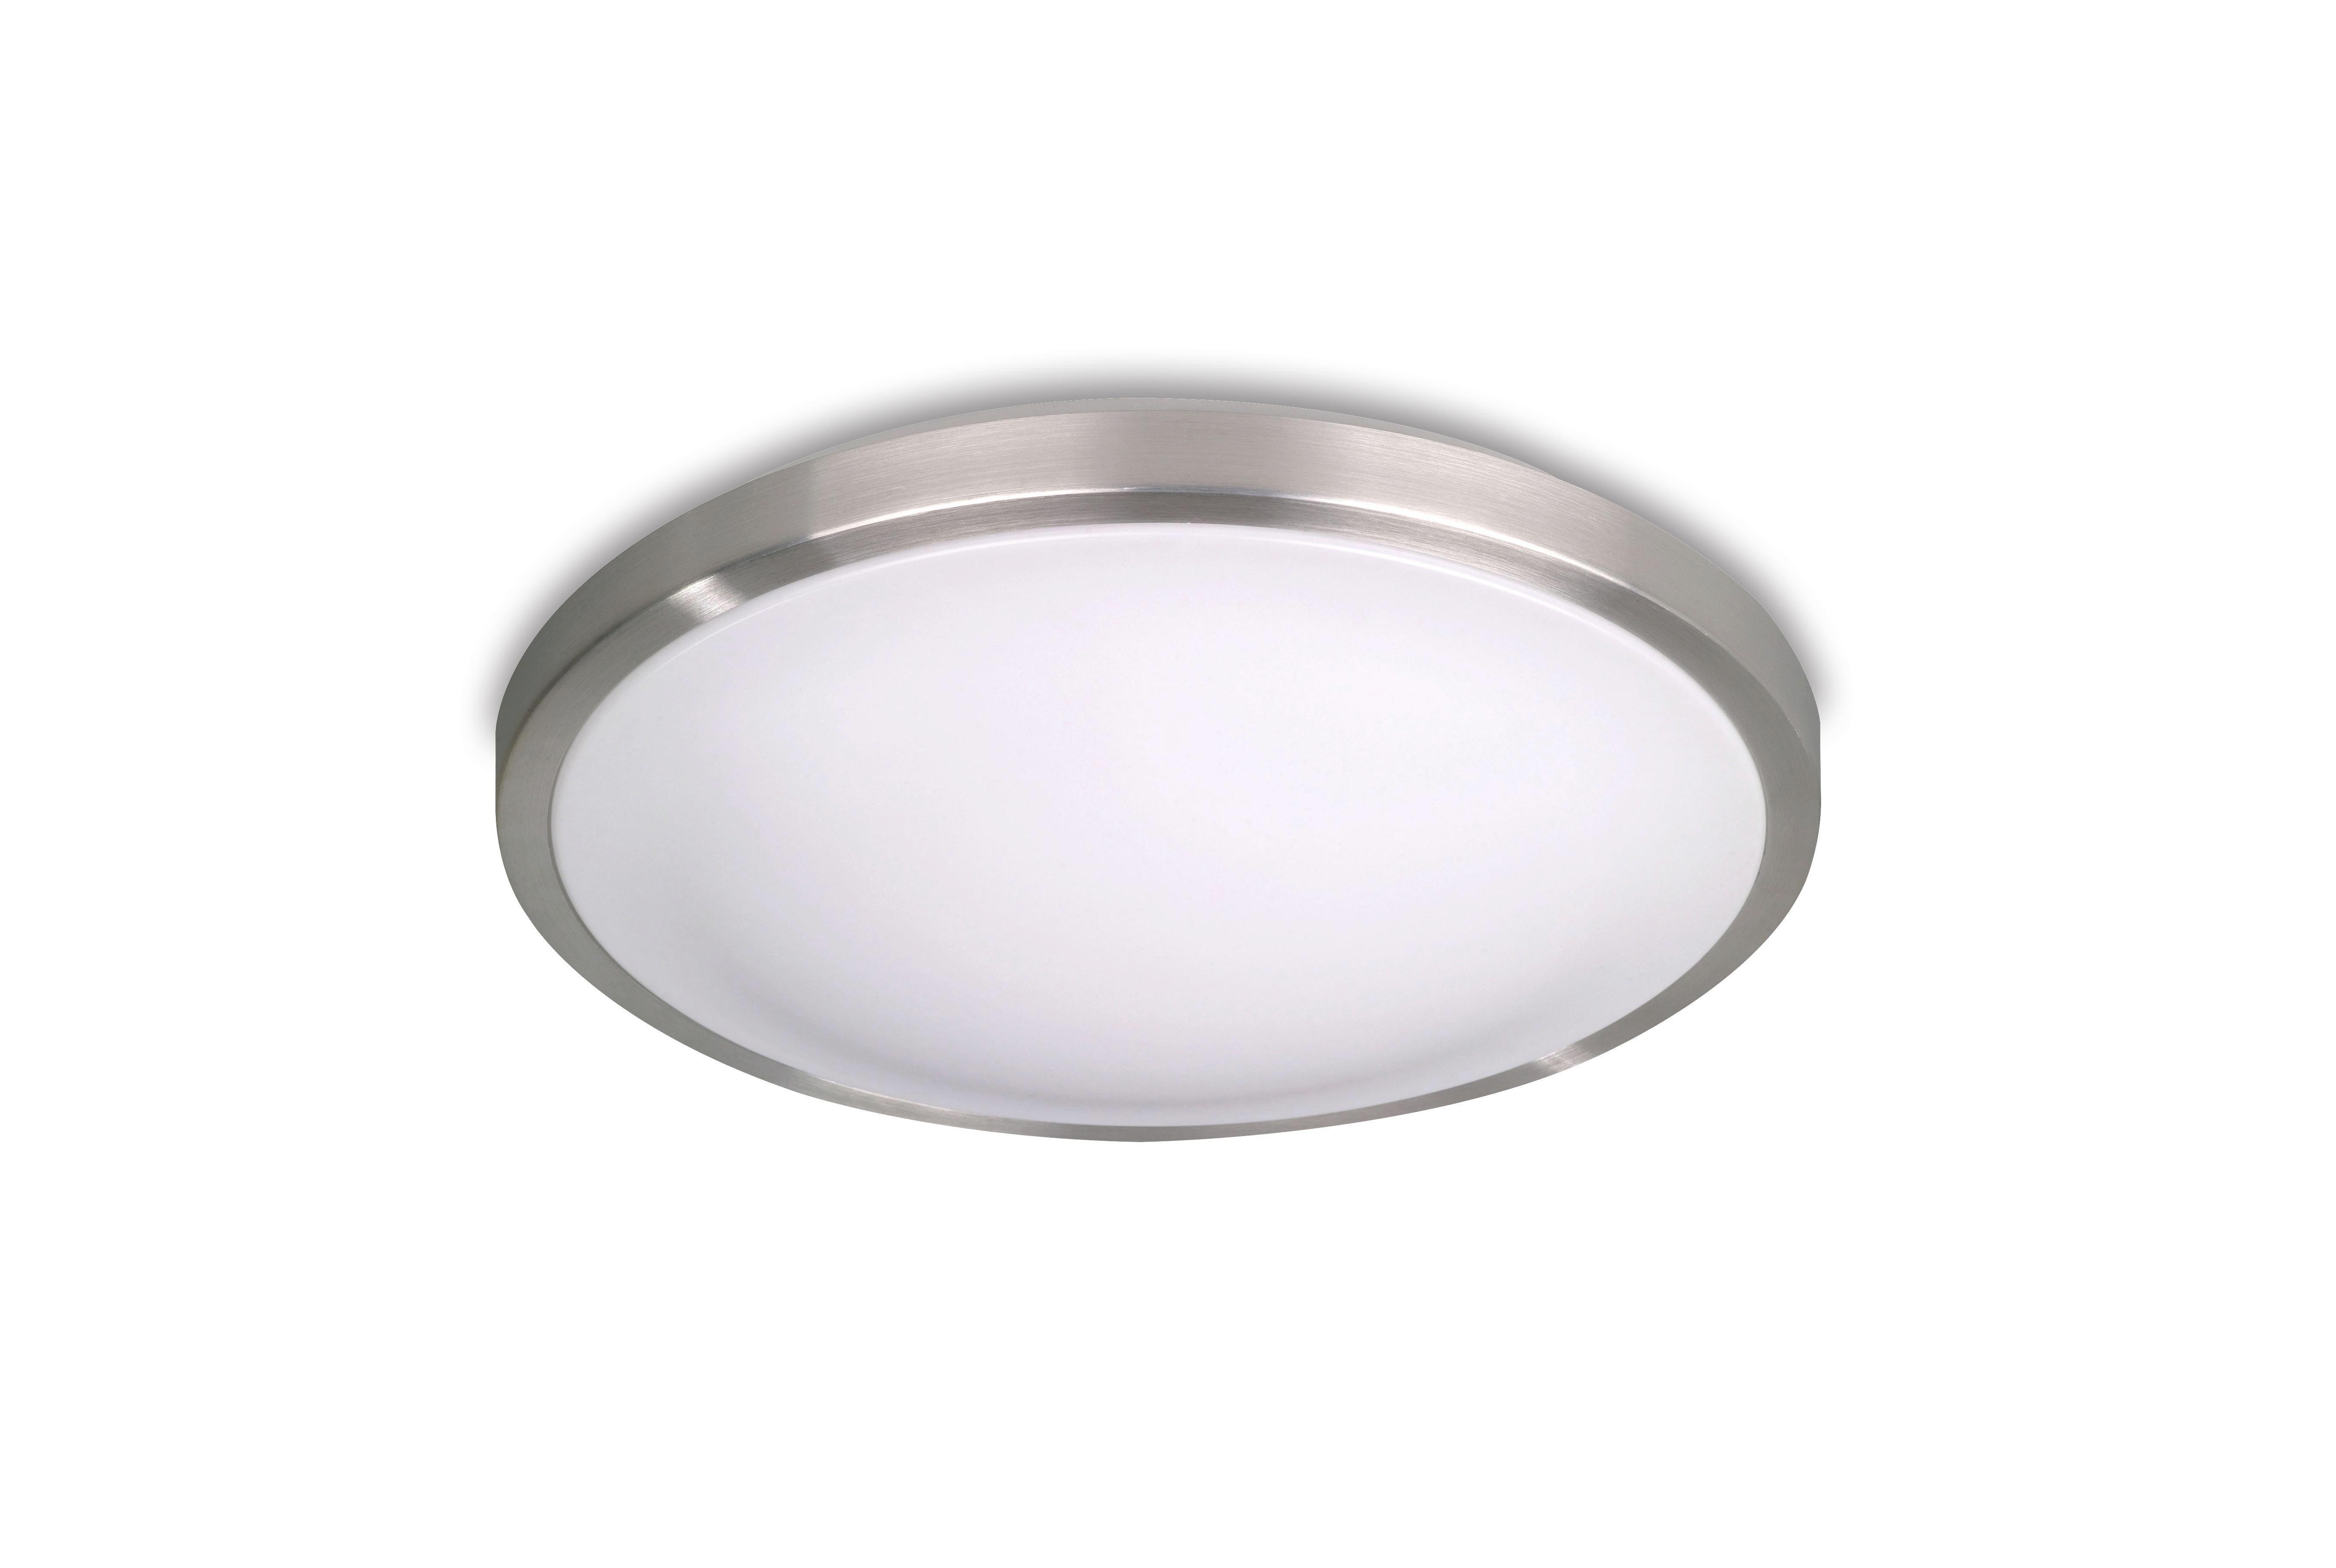 Deckenleuchte Calina - KONVENTIONELL, Kunststoff/Metall (26/7cm) - LUCA BESSONI